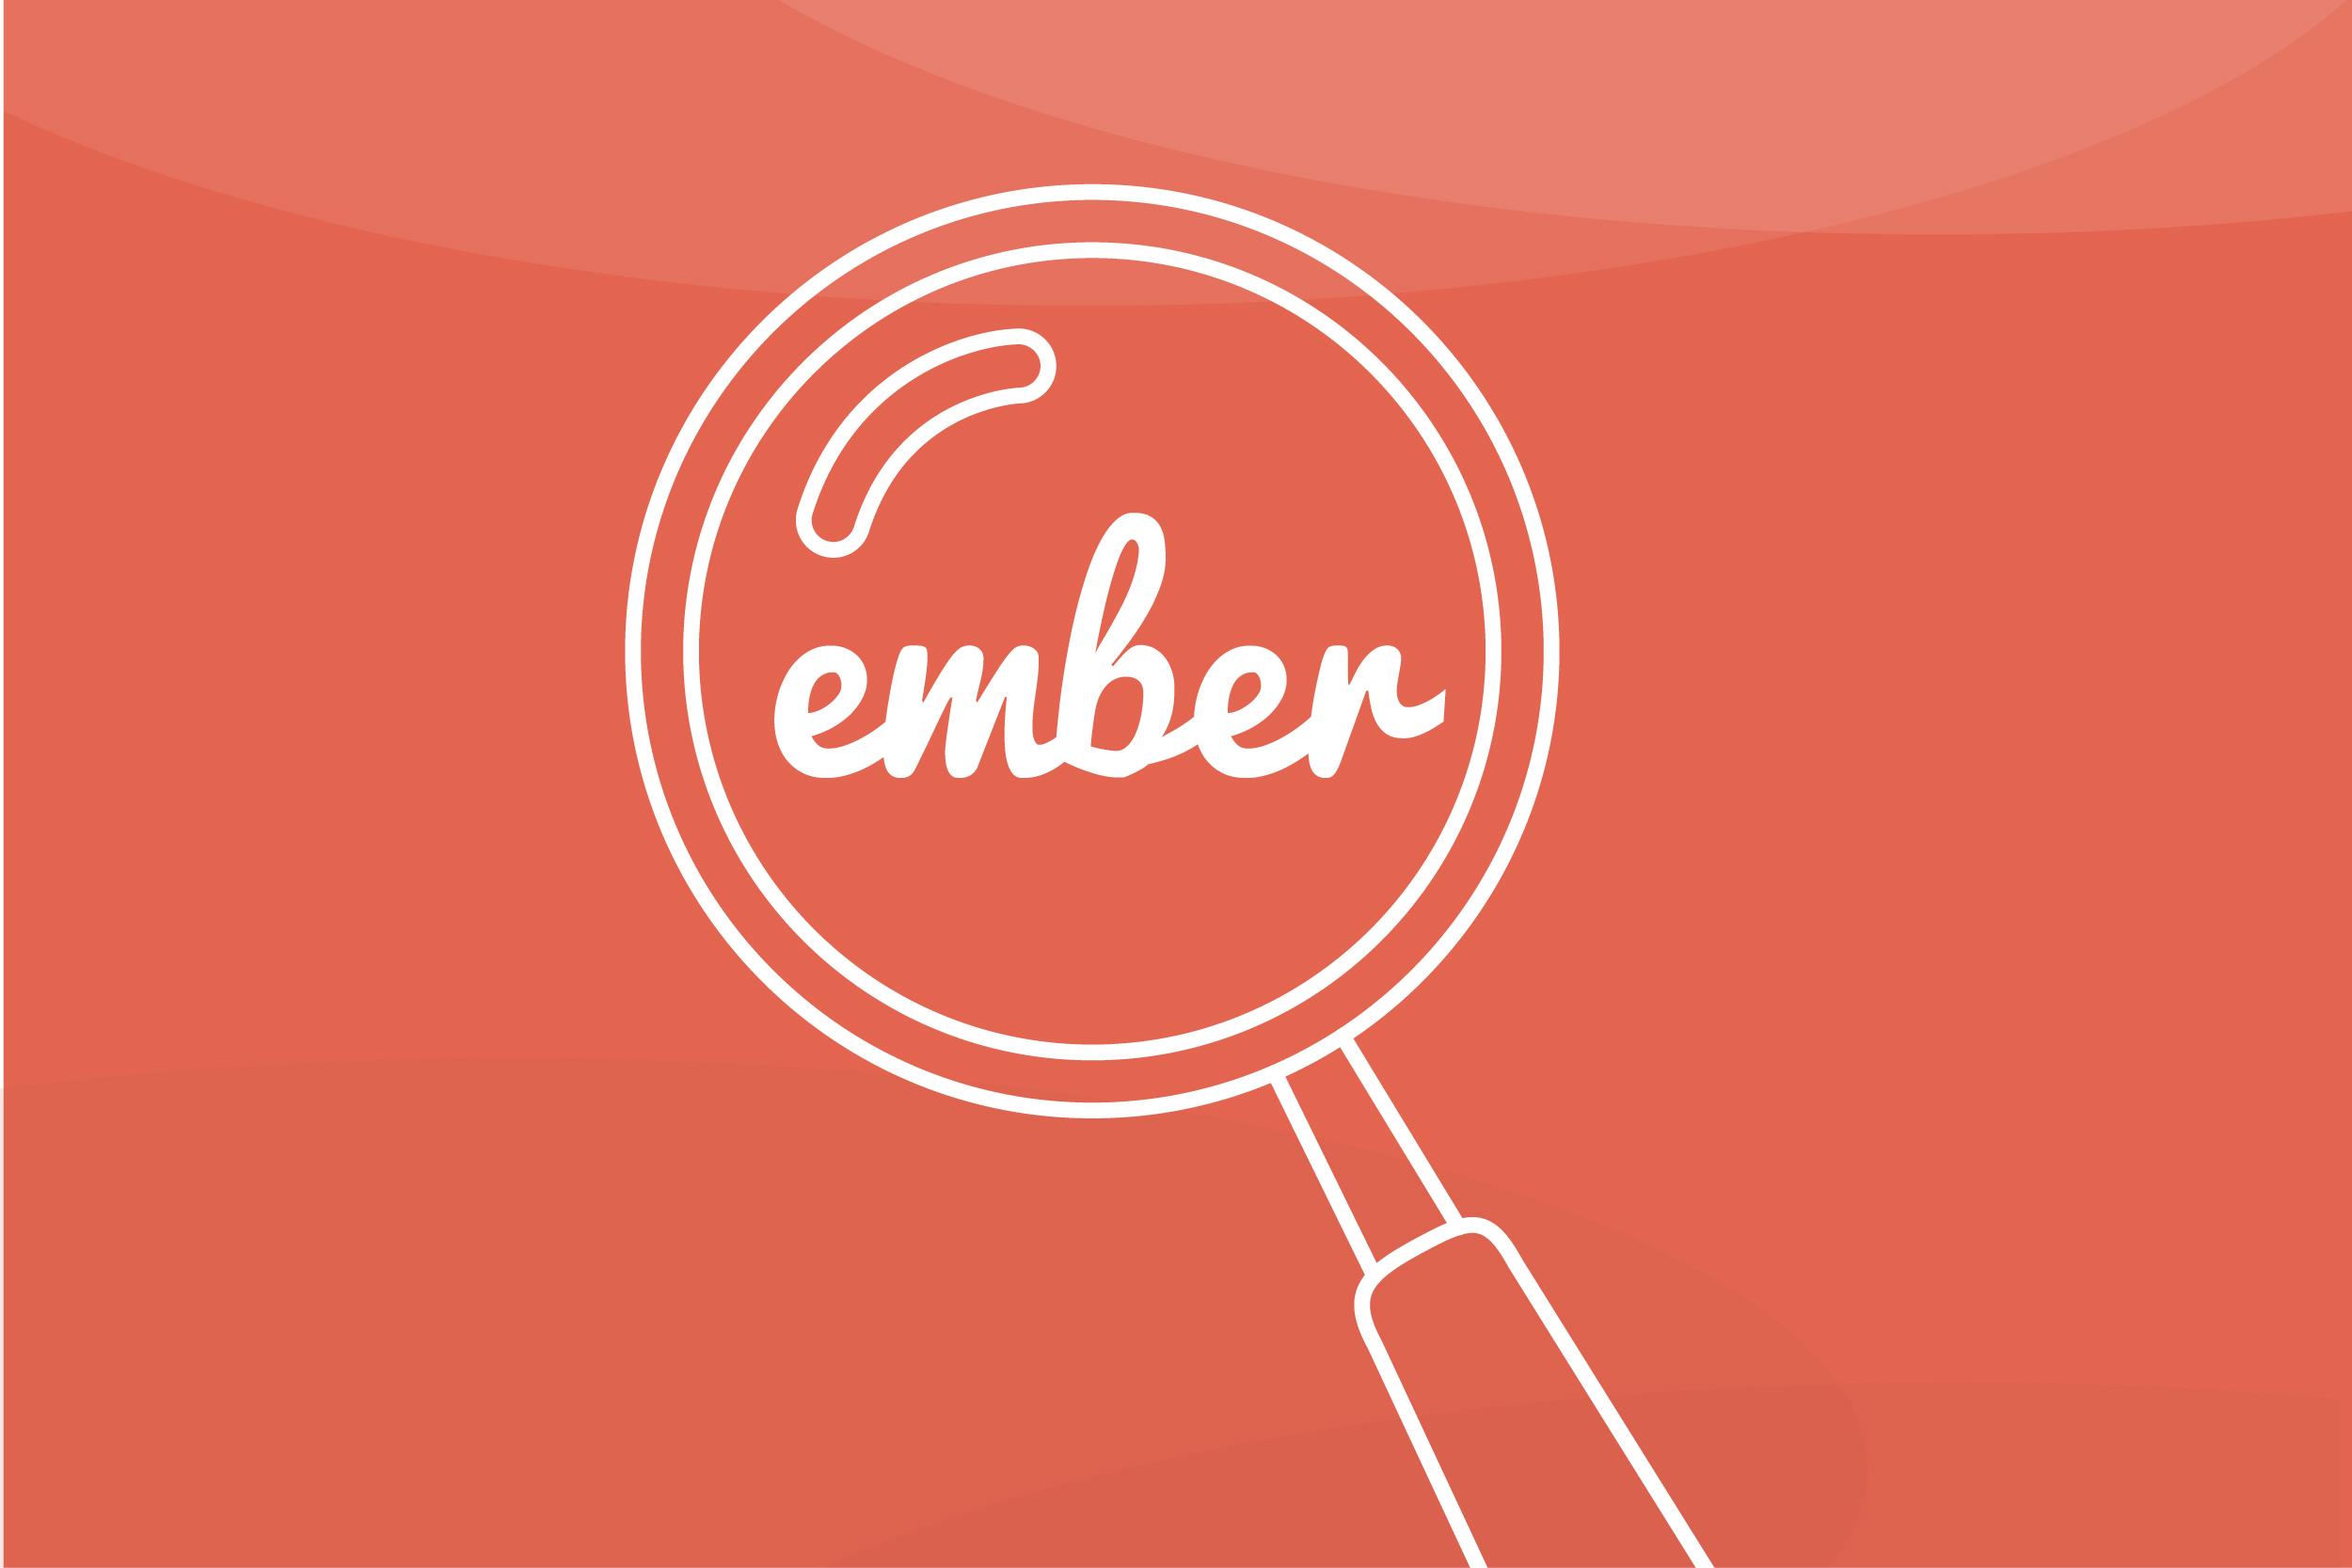 Ember inspector 01